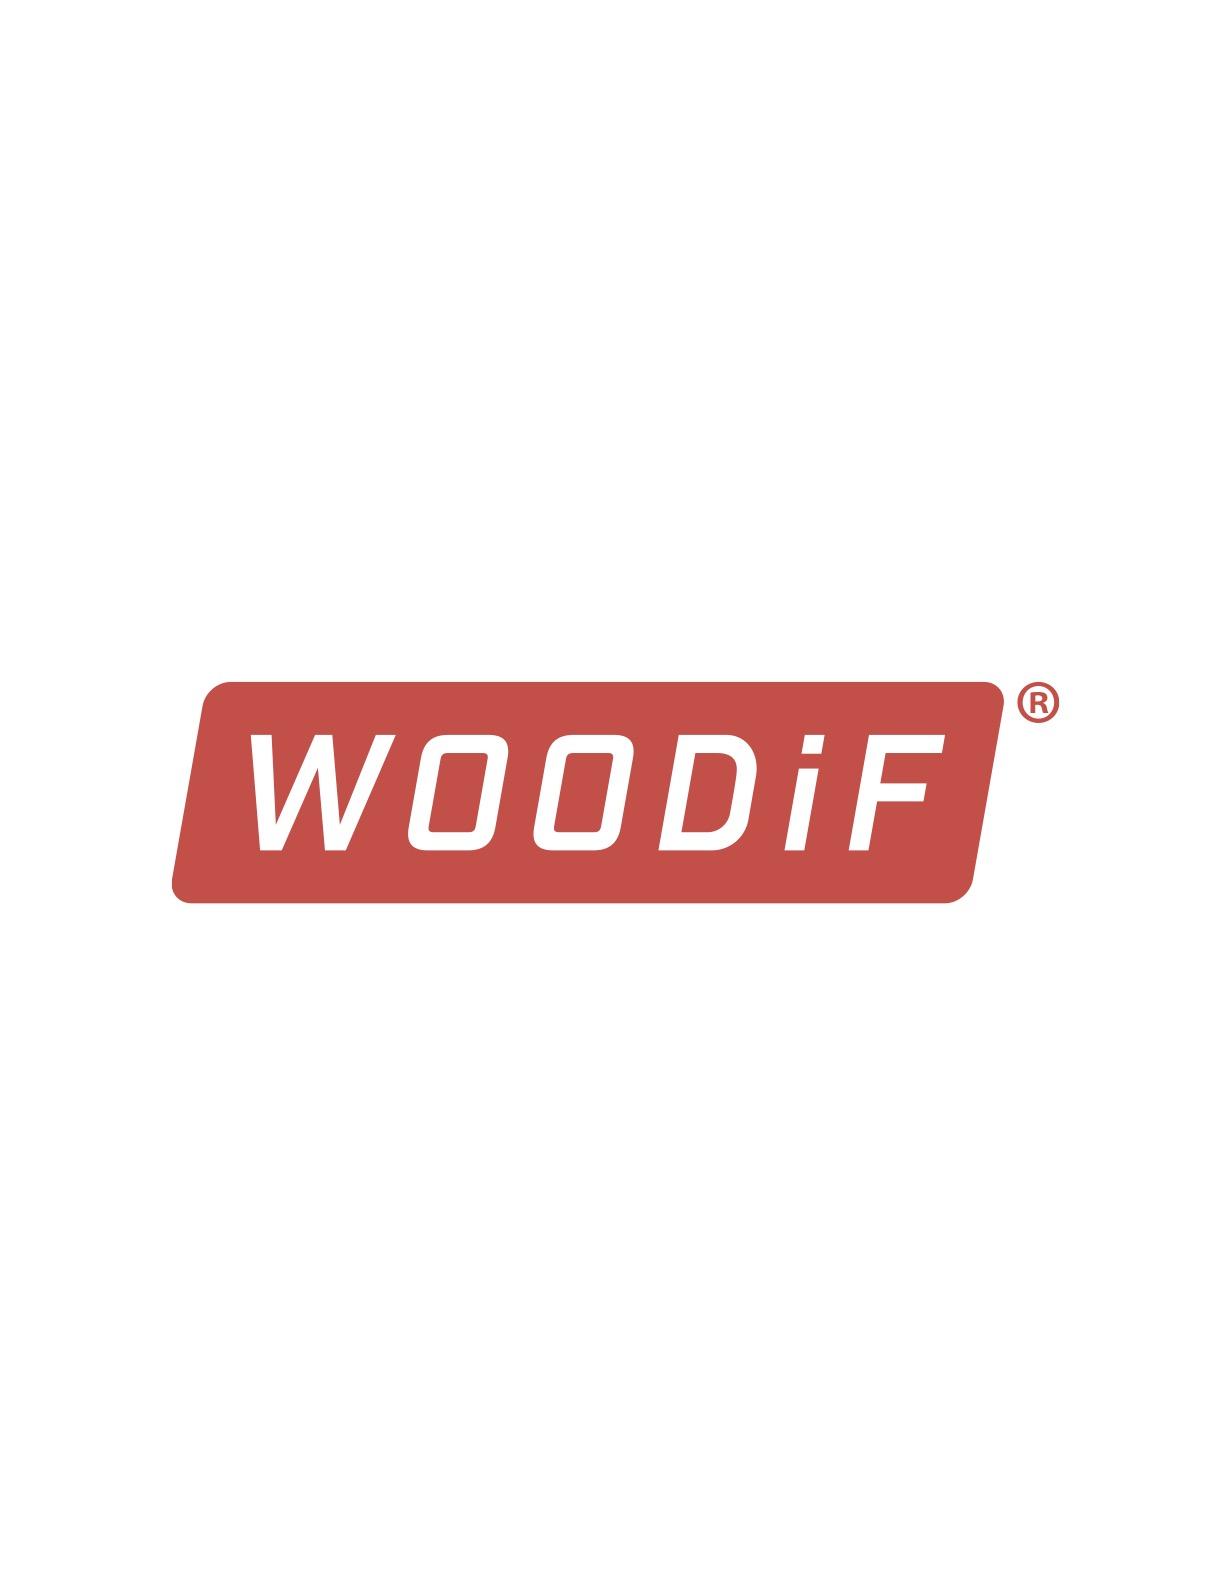 Woodif llc